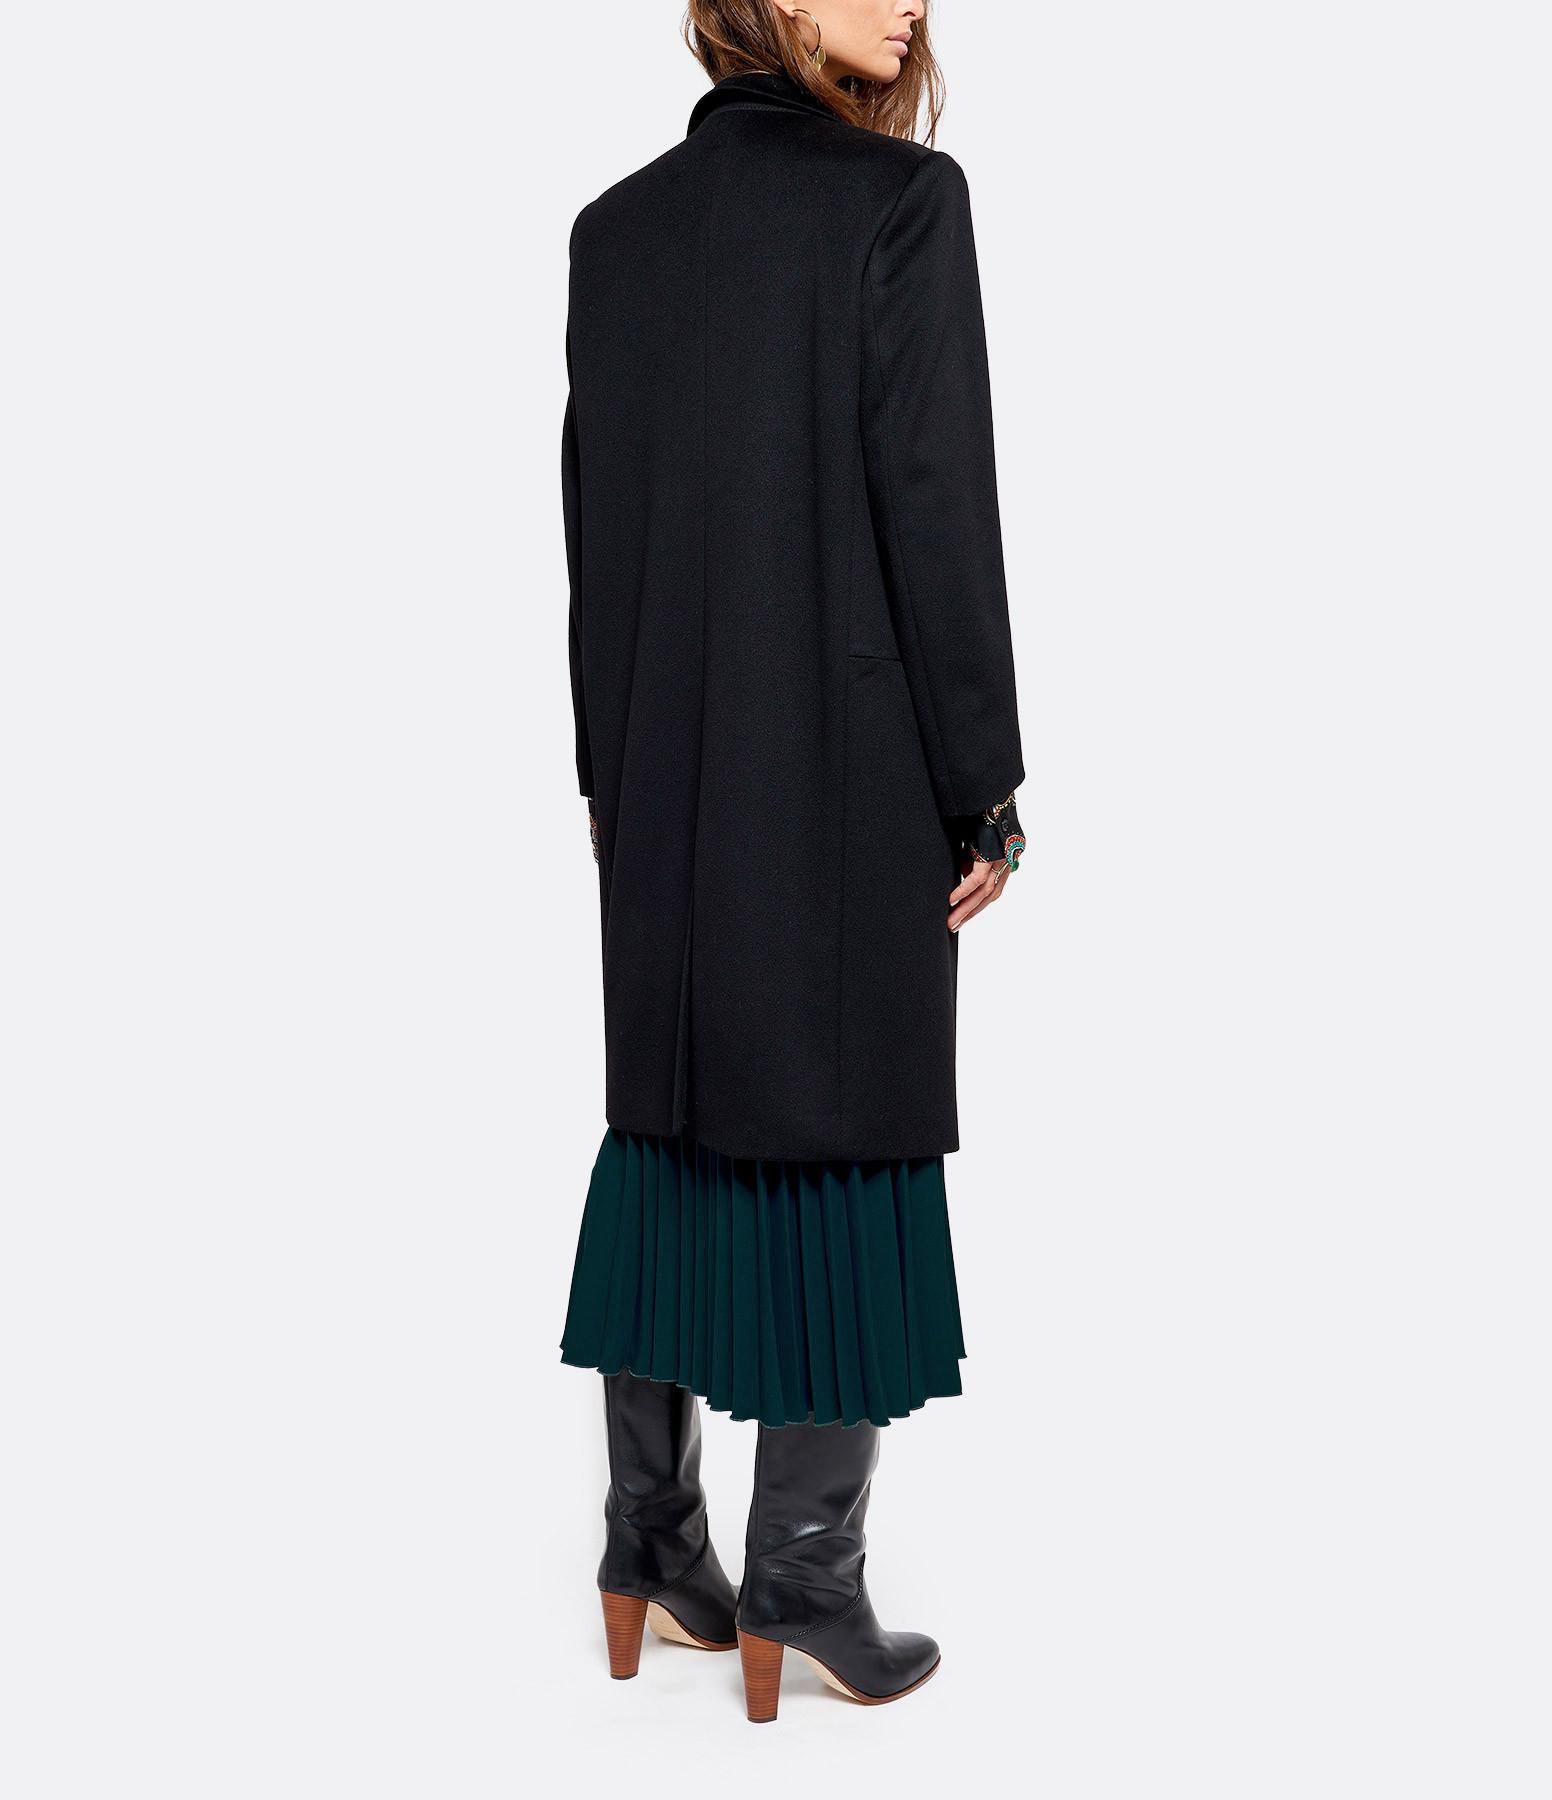 JEANNE VOULAND - Manteau Eres Laine Cachemire Noir